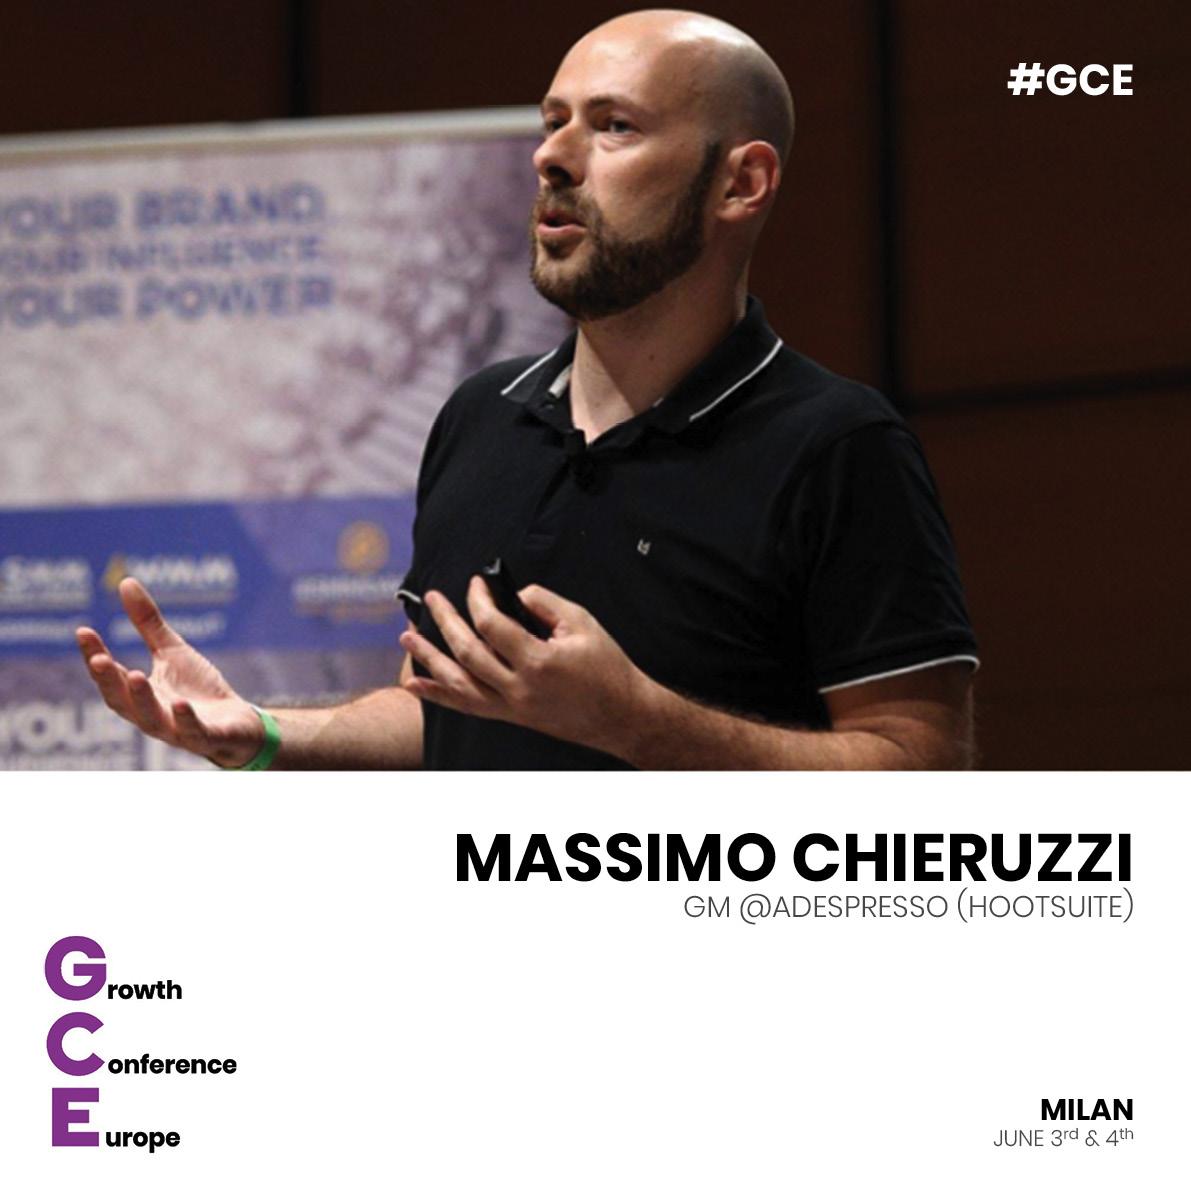 GCE_speaker14.jpg